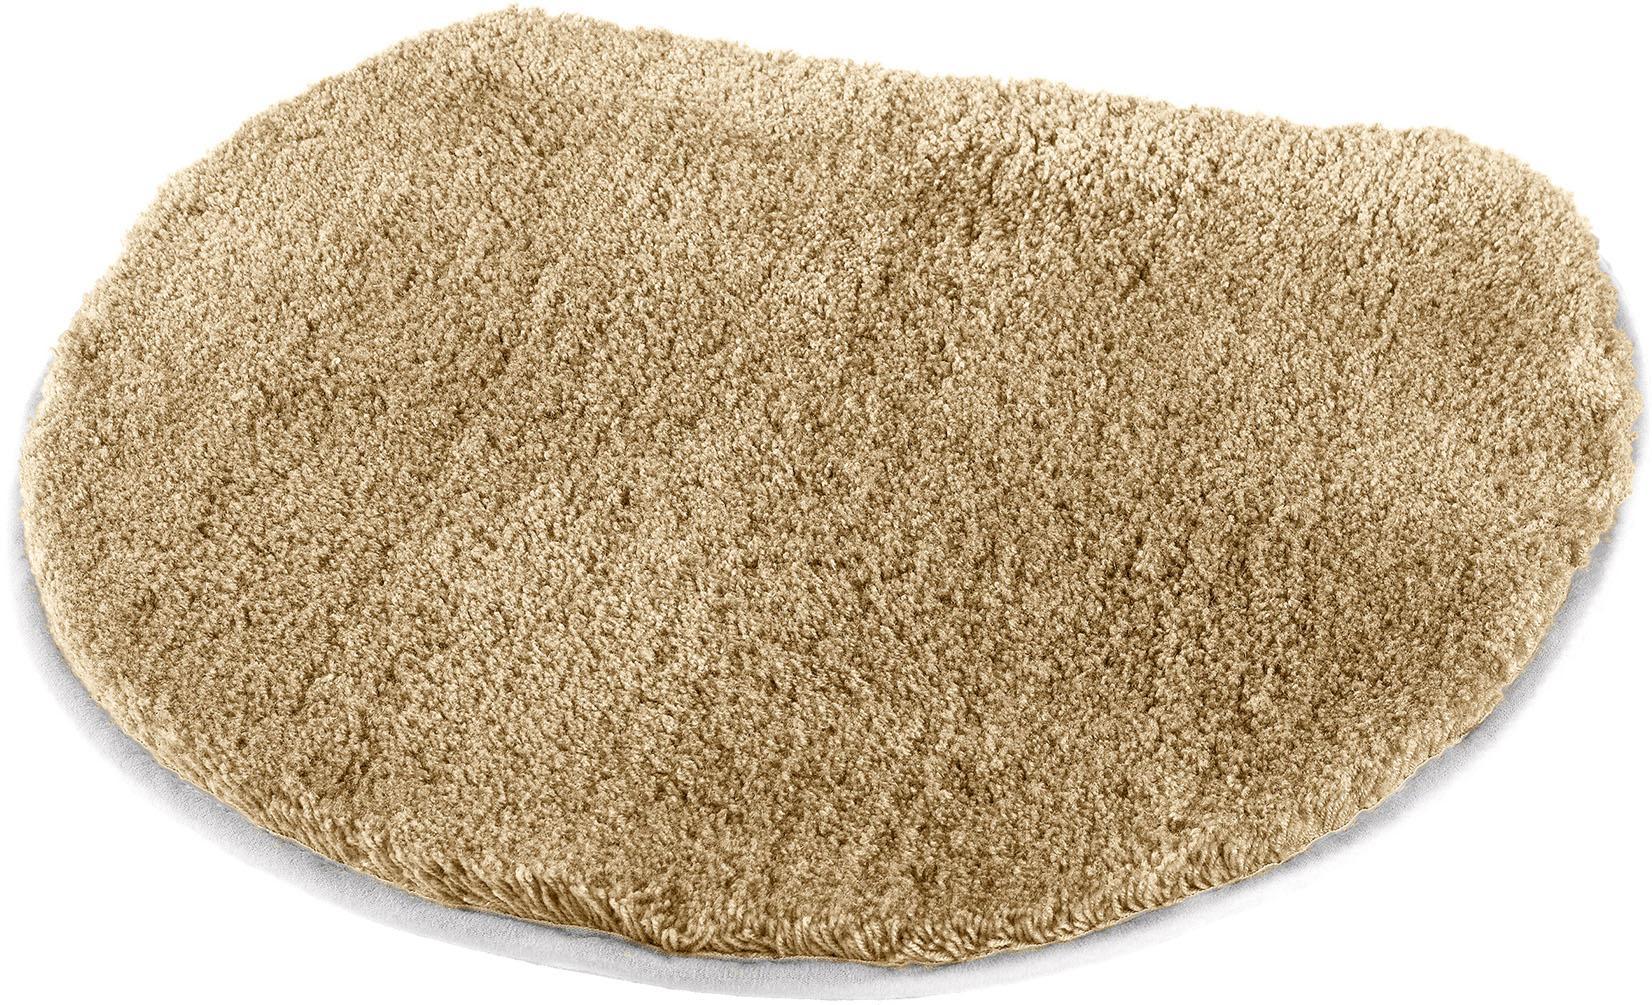 Badematte »Soft«, Kleine Wolke, Höhe 20 mm, rutschhemmend beschichtet   Bad > Badgarnituren > Badvorleger   Braun   KLEINE WOLKE